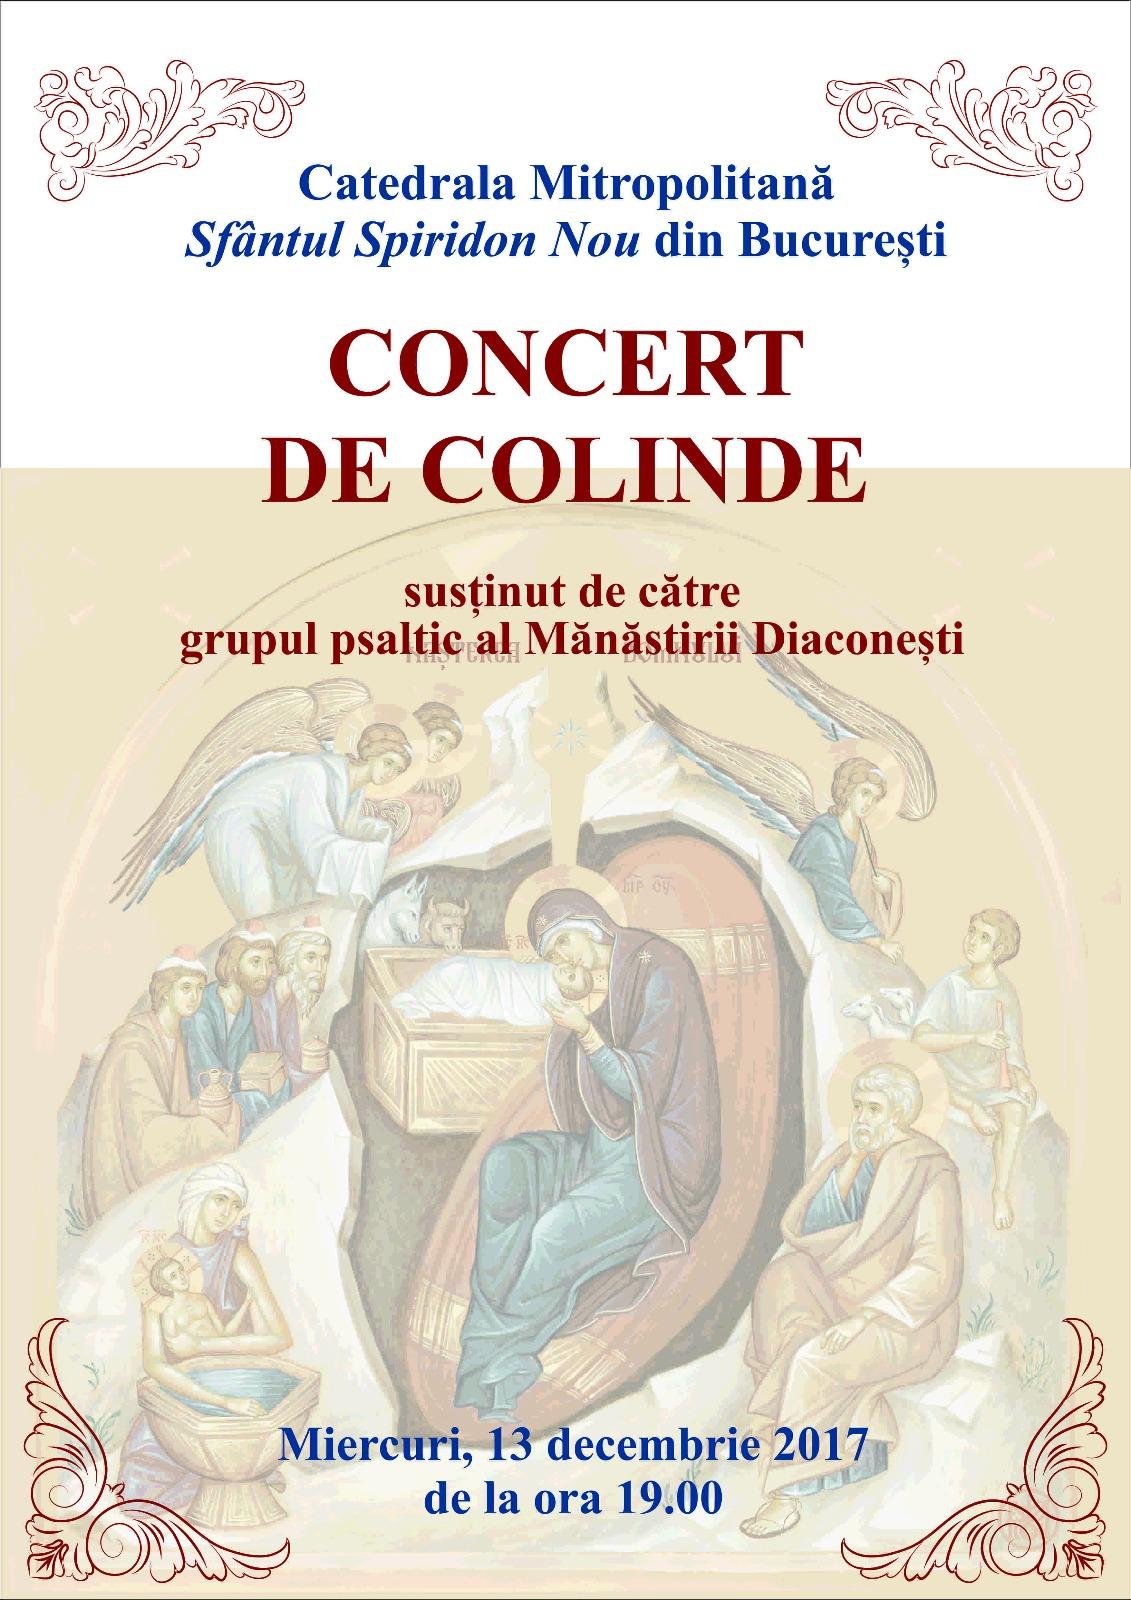 MAICILE DE LA MANASTIREA DIACONESTI sustin, la Catedrala Sfantul Spiridon Nou din Bucuresti, un CONCERT DE COLINDE